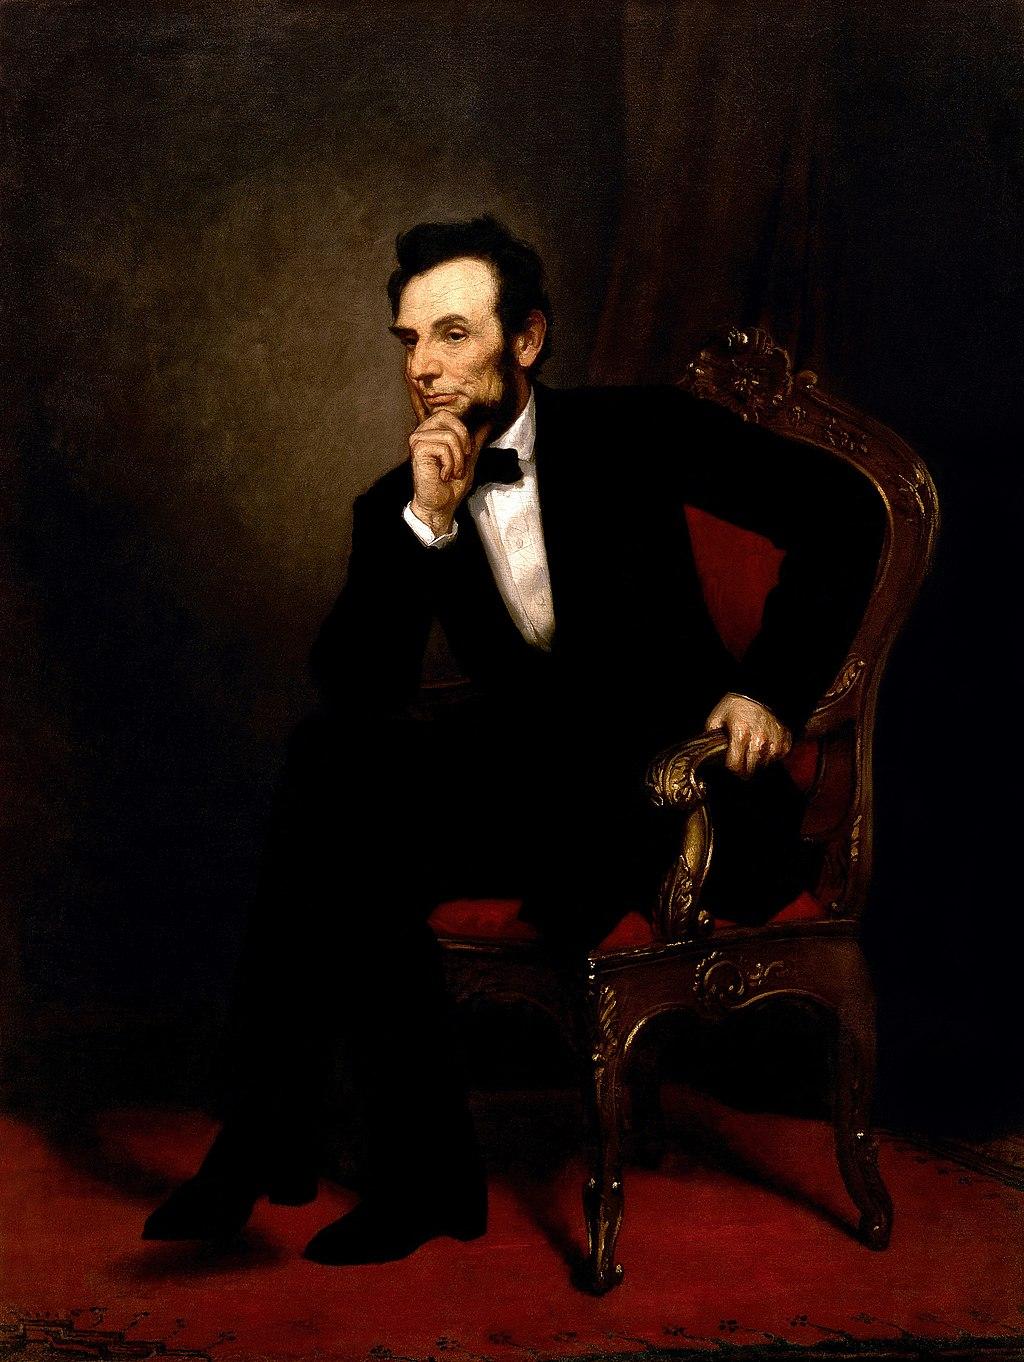 AbrahamLincolnOilPainting1869Restored